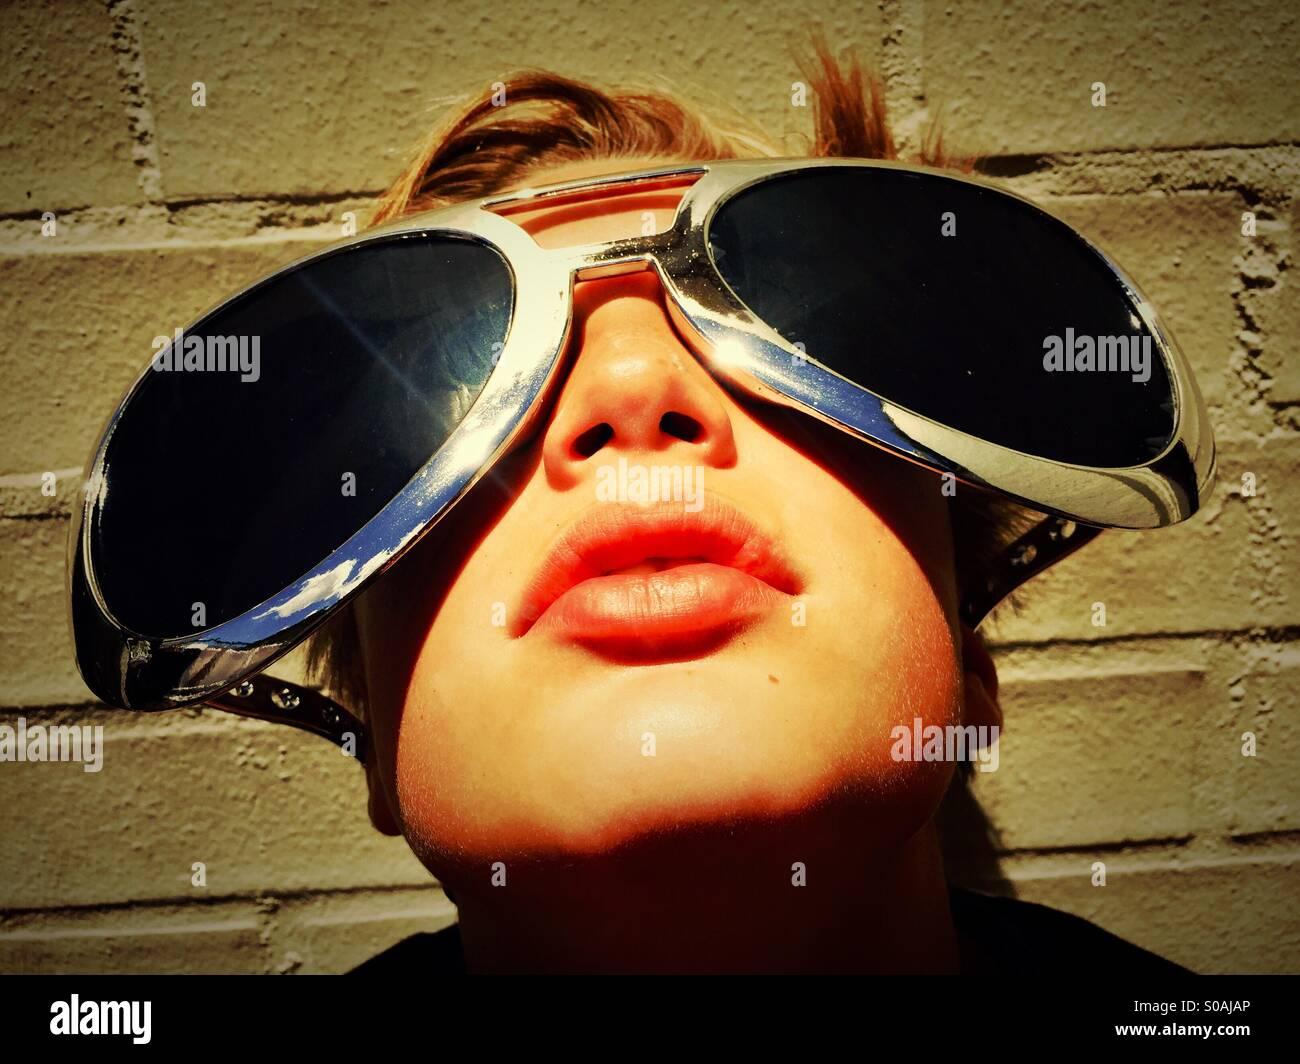 Garçon aux lunettes massive Photo Stock